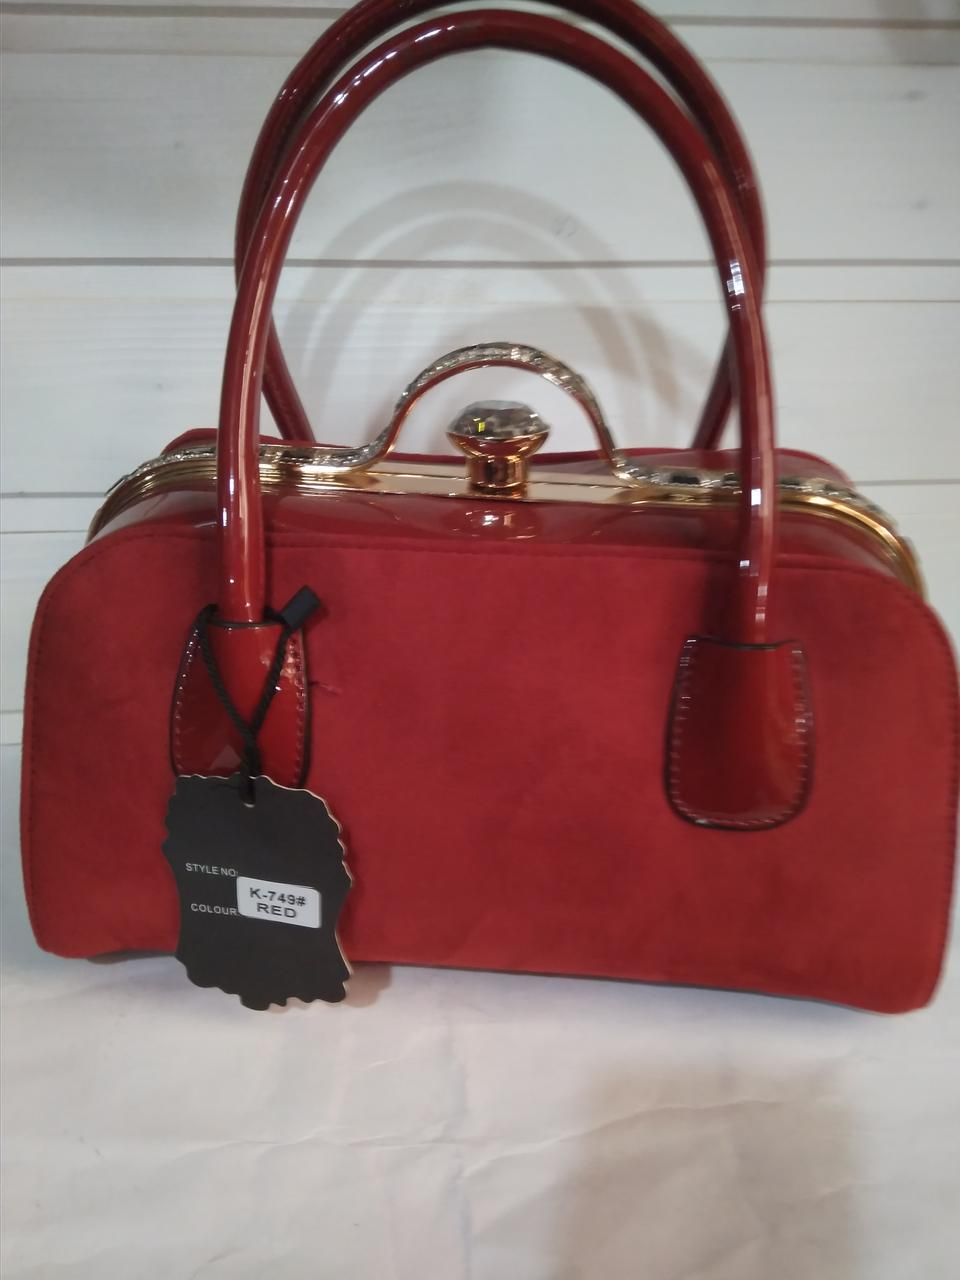 d5ba8272ece2 Замша Женская сумка с жестким каркасом внутри и застежкой типа